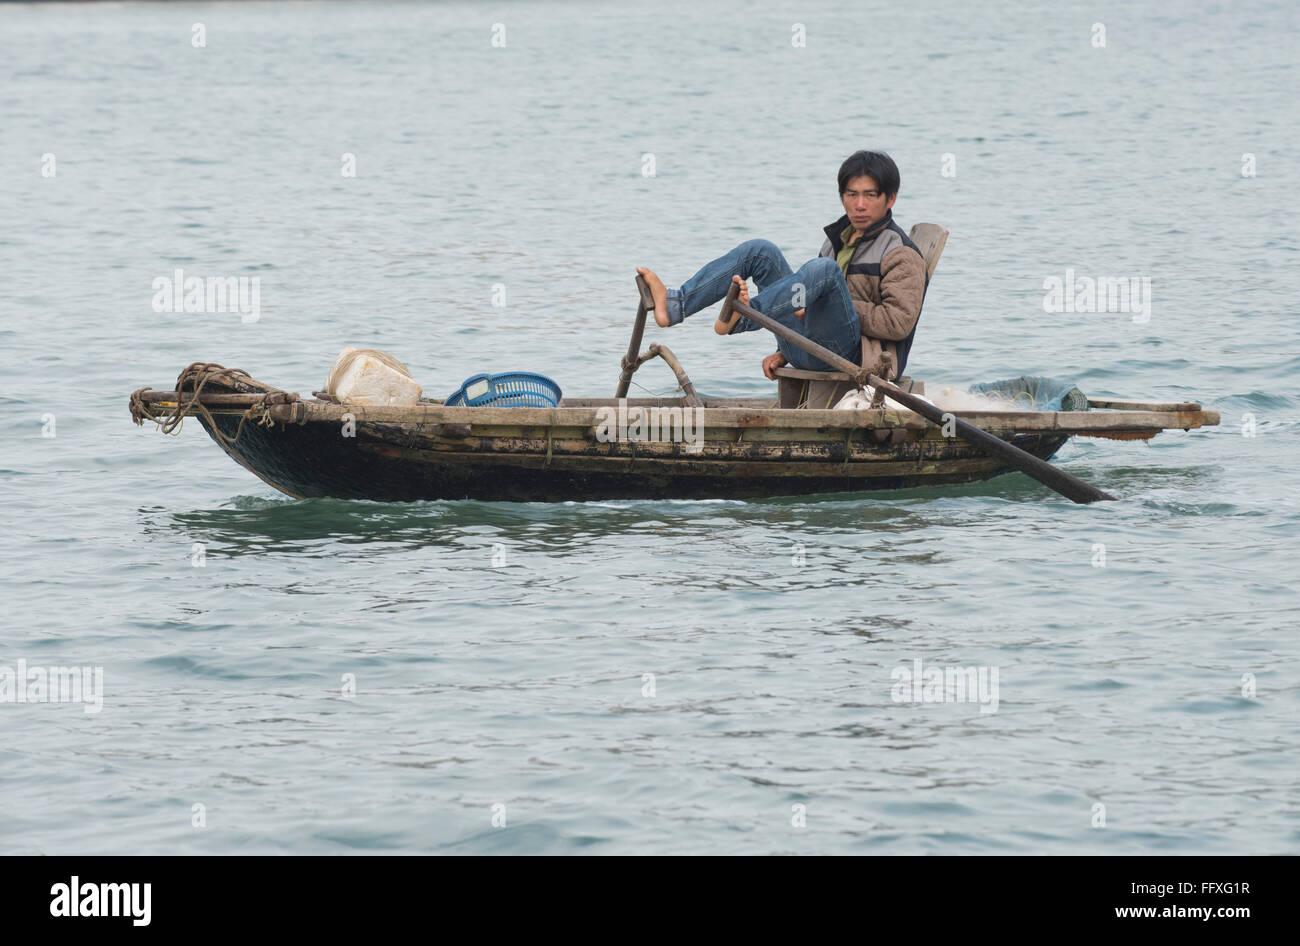 Un petit bateau à rames pour la pêche et le transport, l'homme en utilisant traditionnellement ses Photo Stock